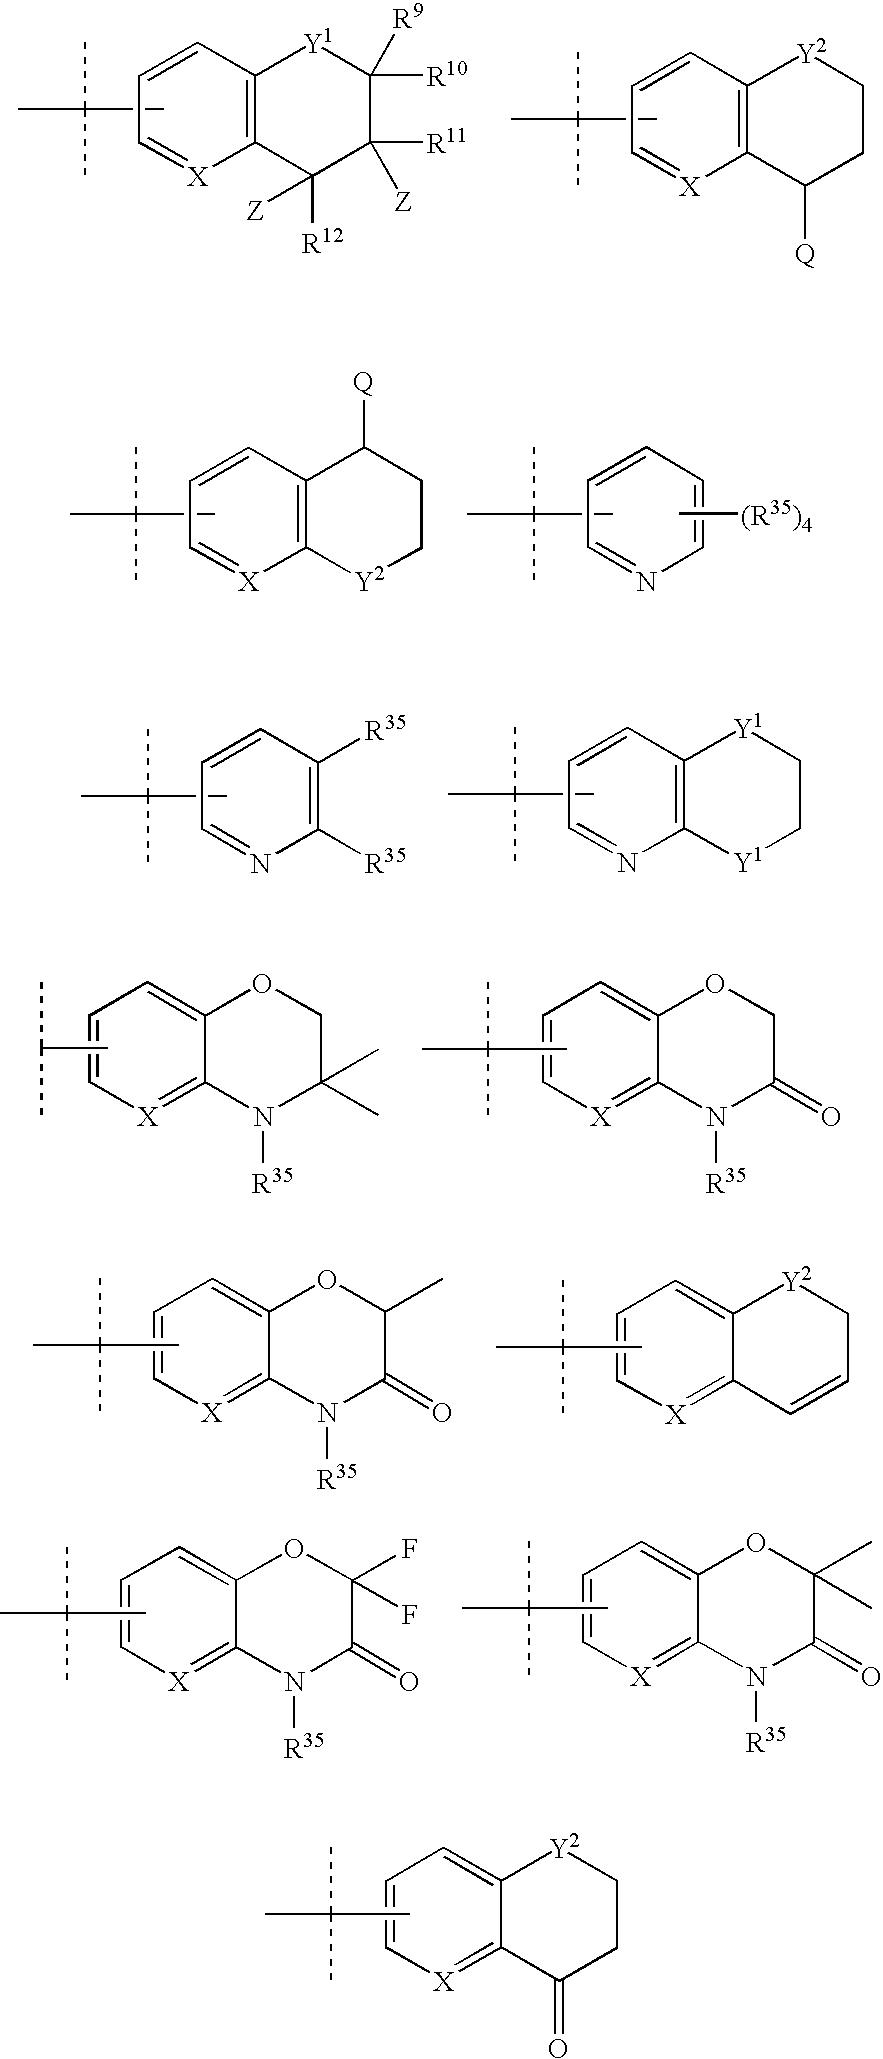 Figure US07803939-20100928-C00016